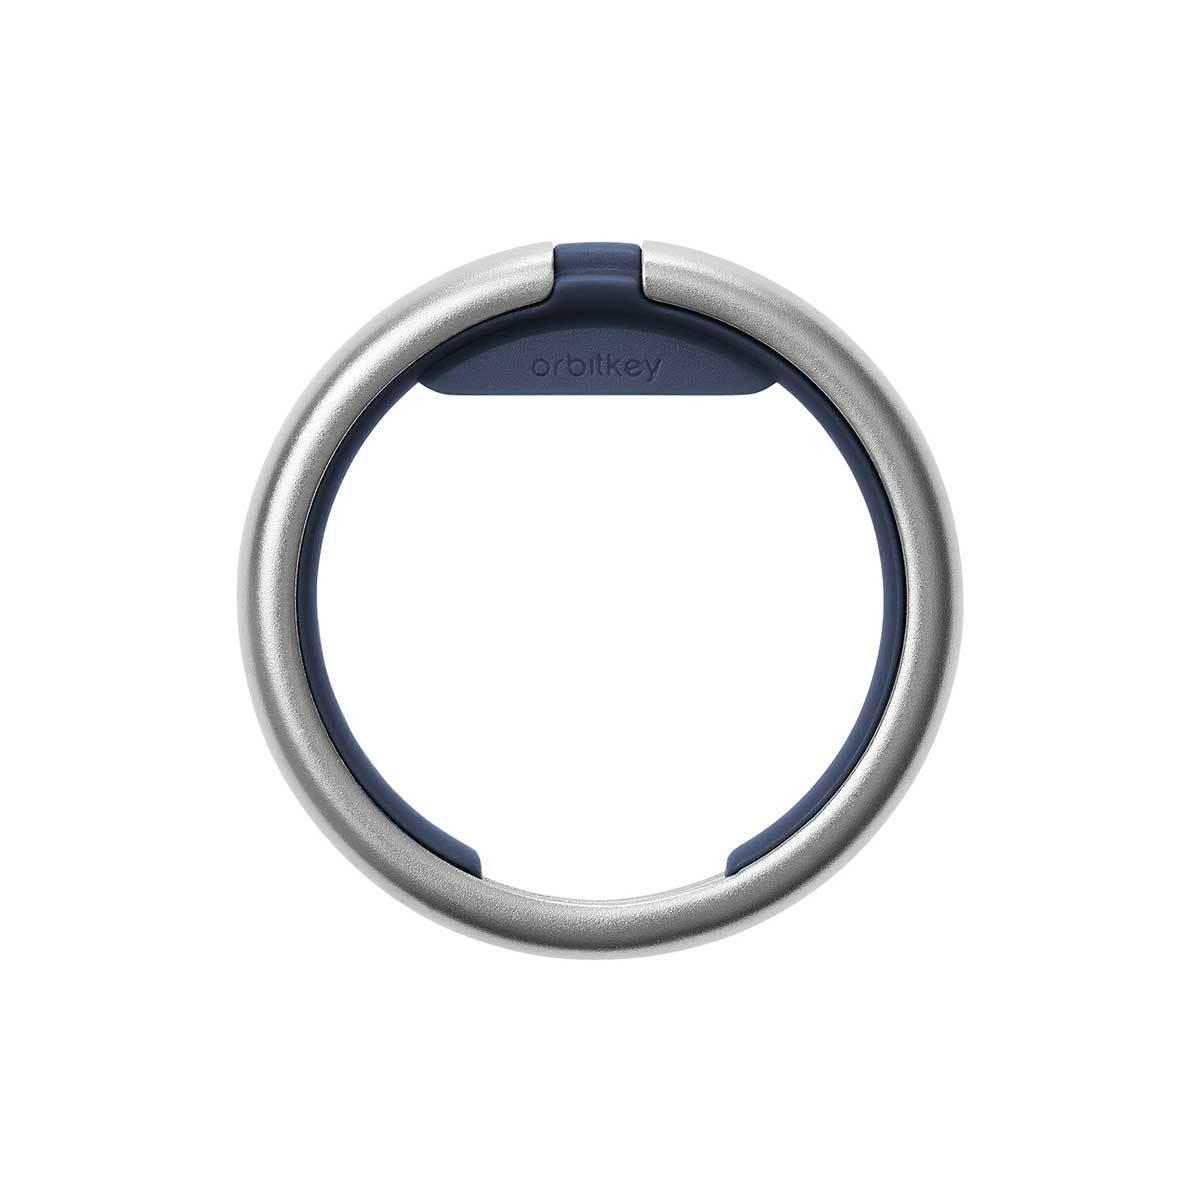 『鍵収納』をデザインする|《Orbitkeyオプション》電子キーもCHIPOLOもスマートに付けられるスライド式リング|Orbitkey Ring silver